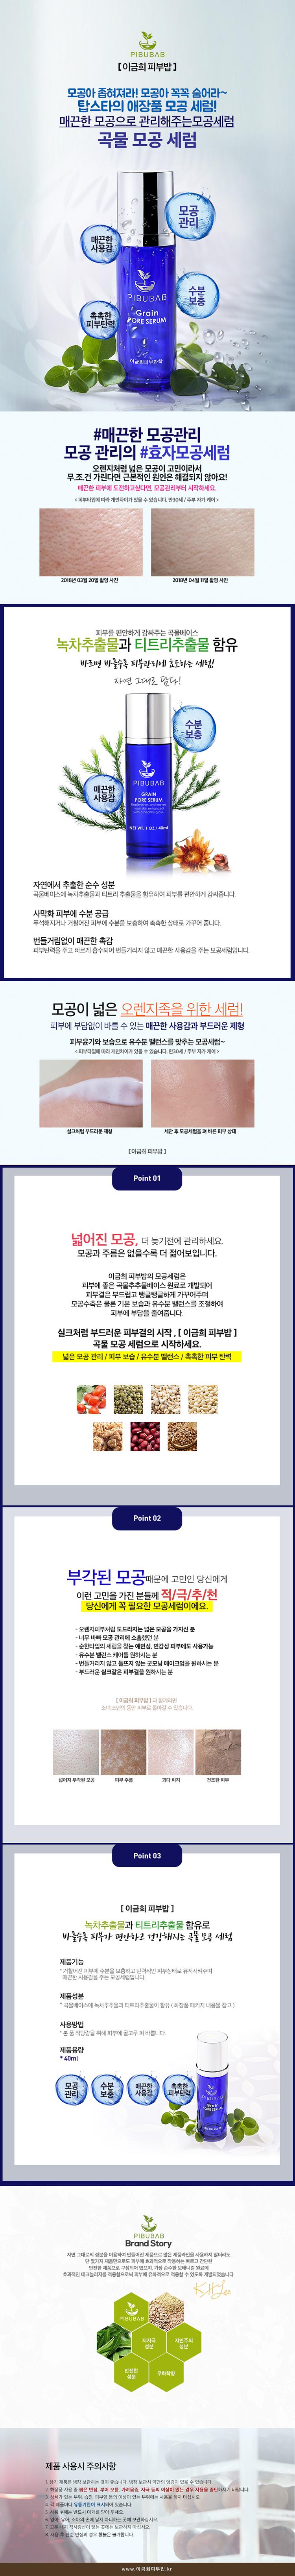 이금희피부밥 그레인 곡물 모공 세럼 40ml - 이금희피부밥, 79,000원, 에센스/로션, 에센스